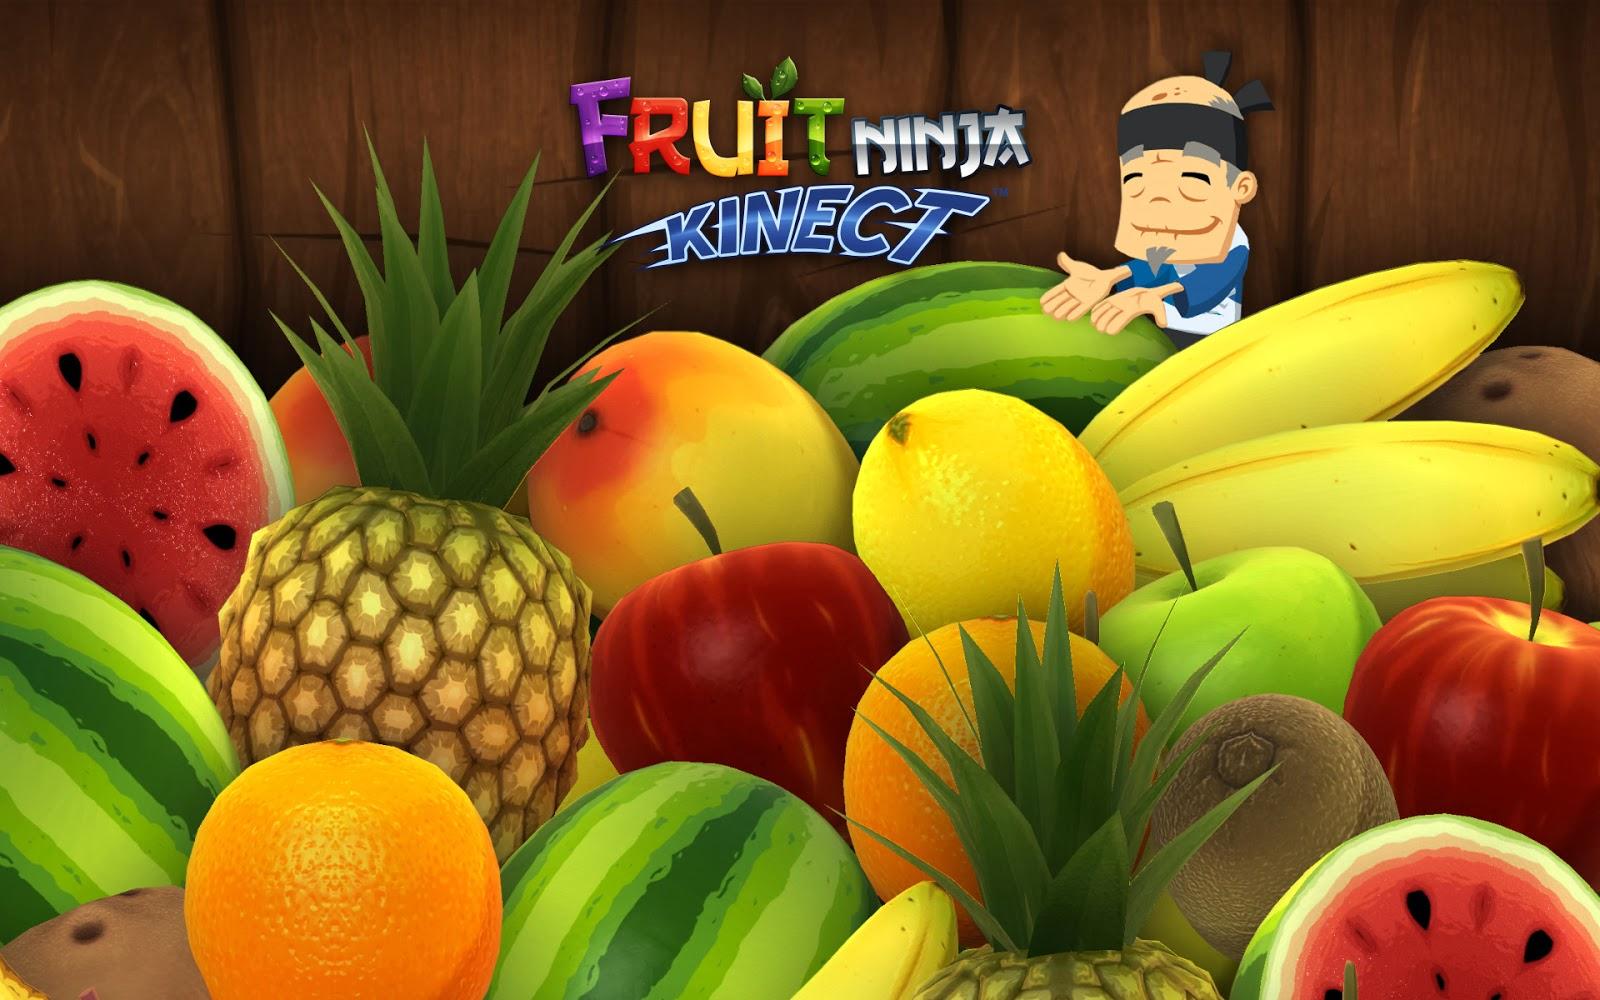 7c48459470 Modo Clássico  é o jogo em que o jogador tentará fazer o máximo de pontos  cortando todas as frutas que ver na interface